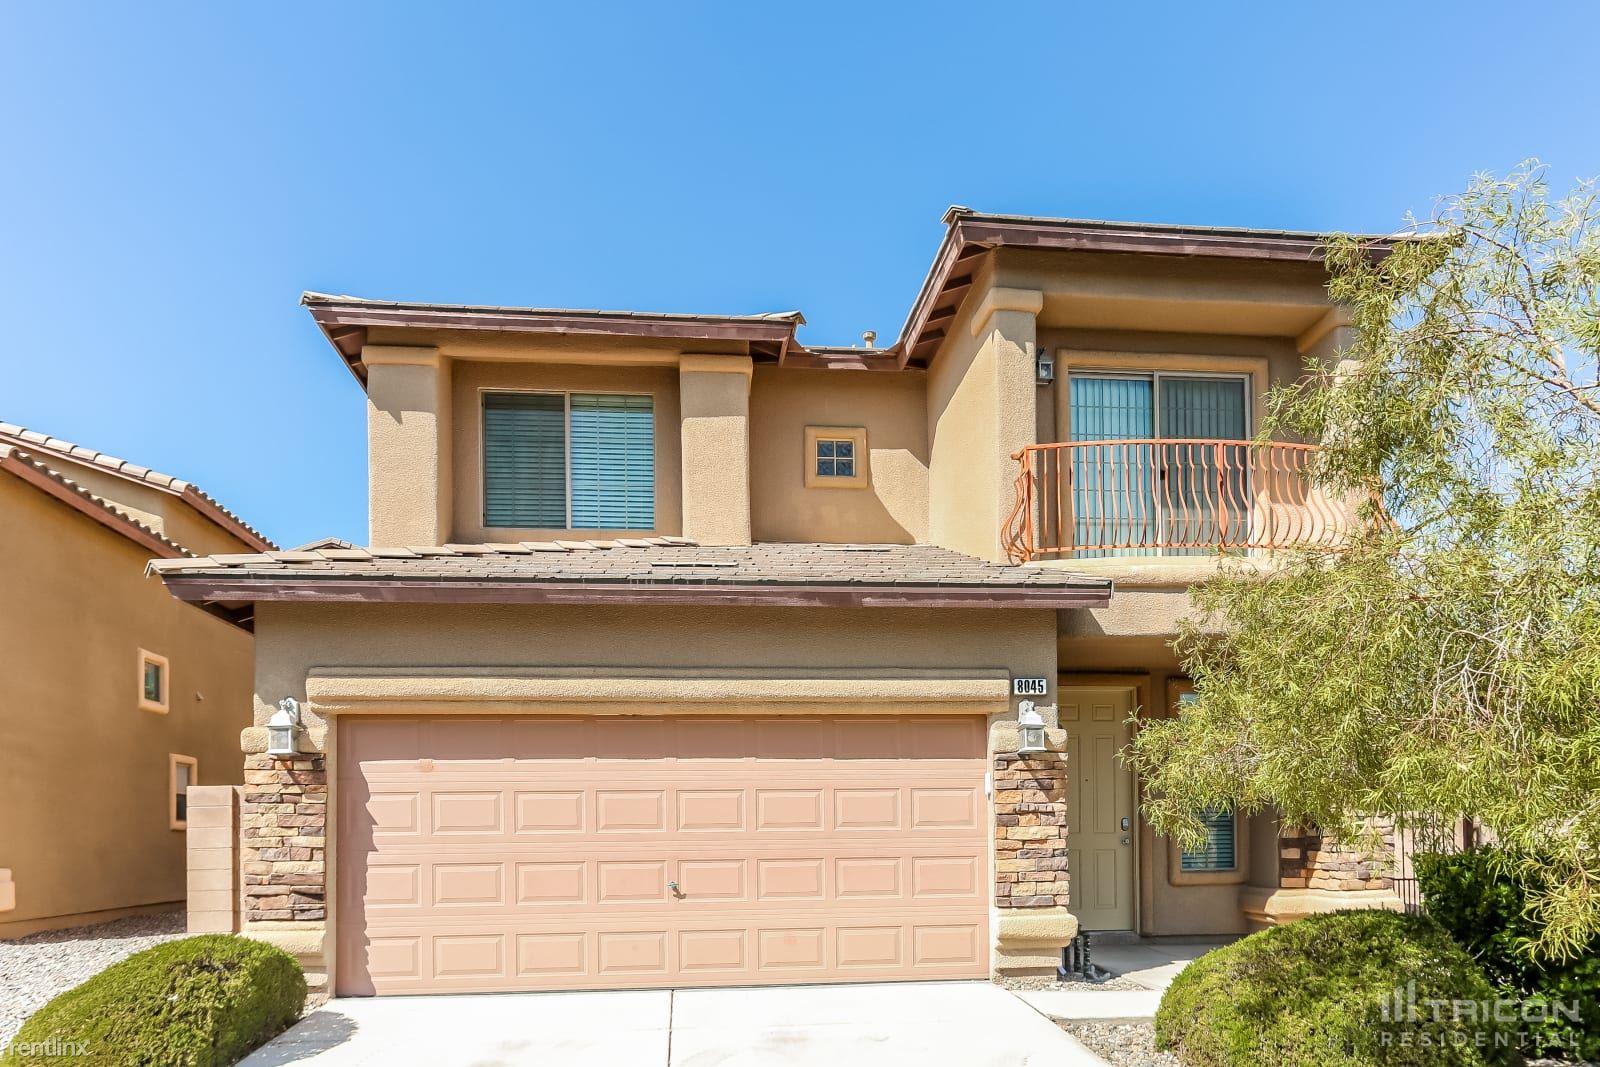 8045 Silver Streak Street, Las Vegas, NV - 2,457 USD/ month